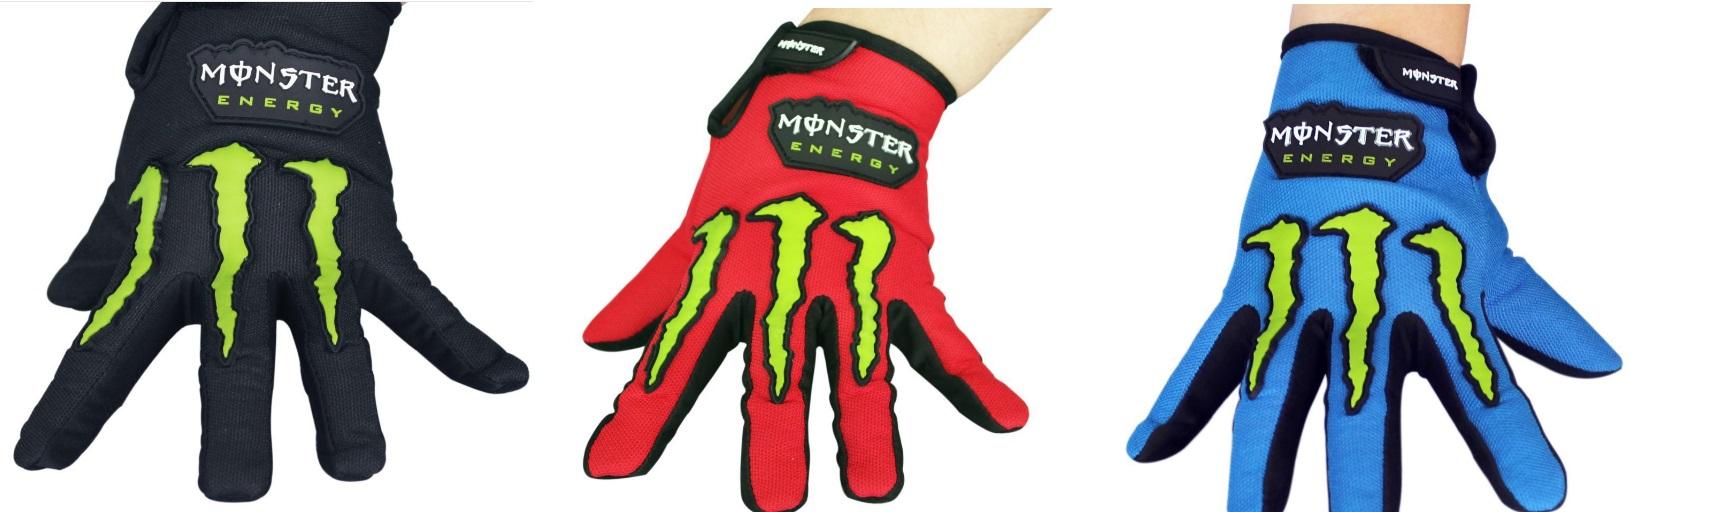 Găng vải Monster energy dài ngón (Đôi)